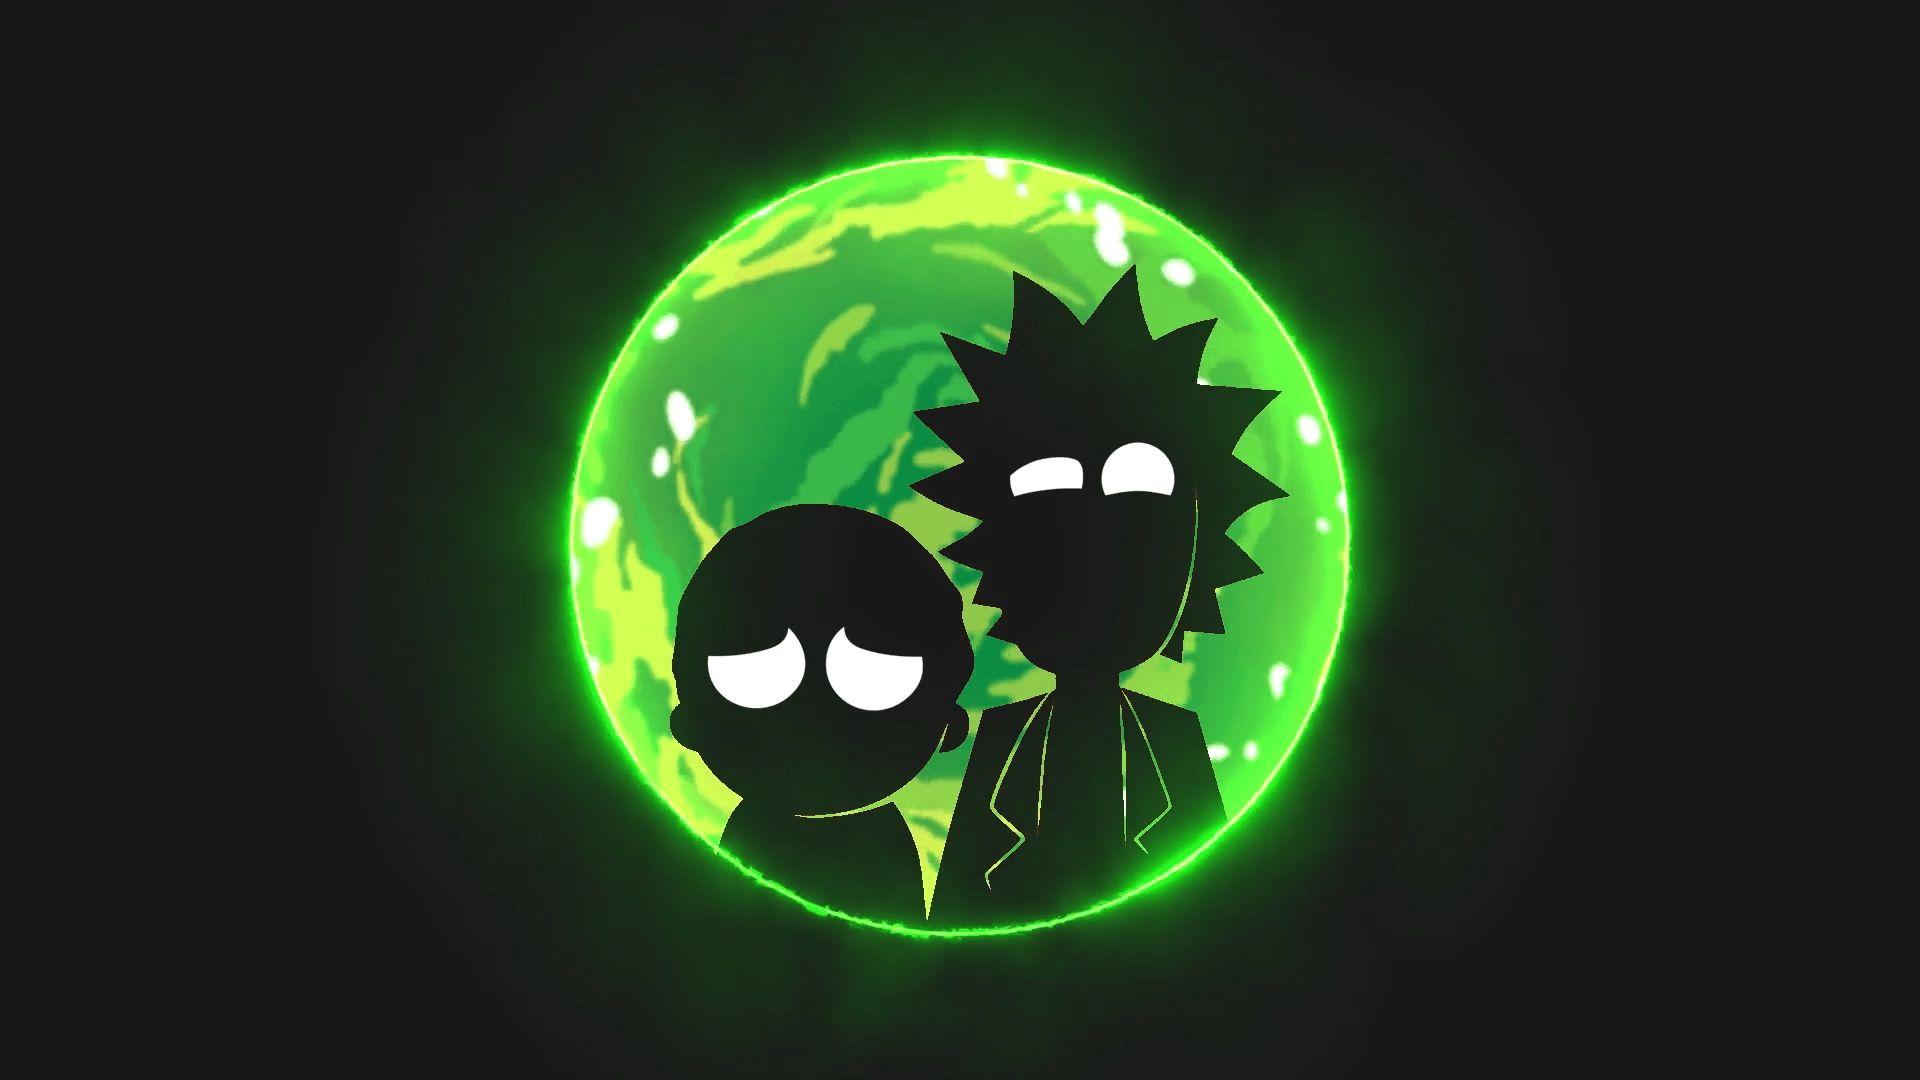 Rick and Morty hd Portal wallpaper